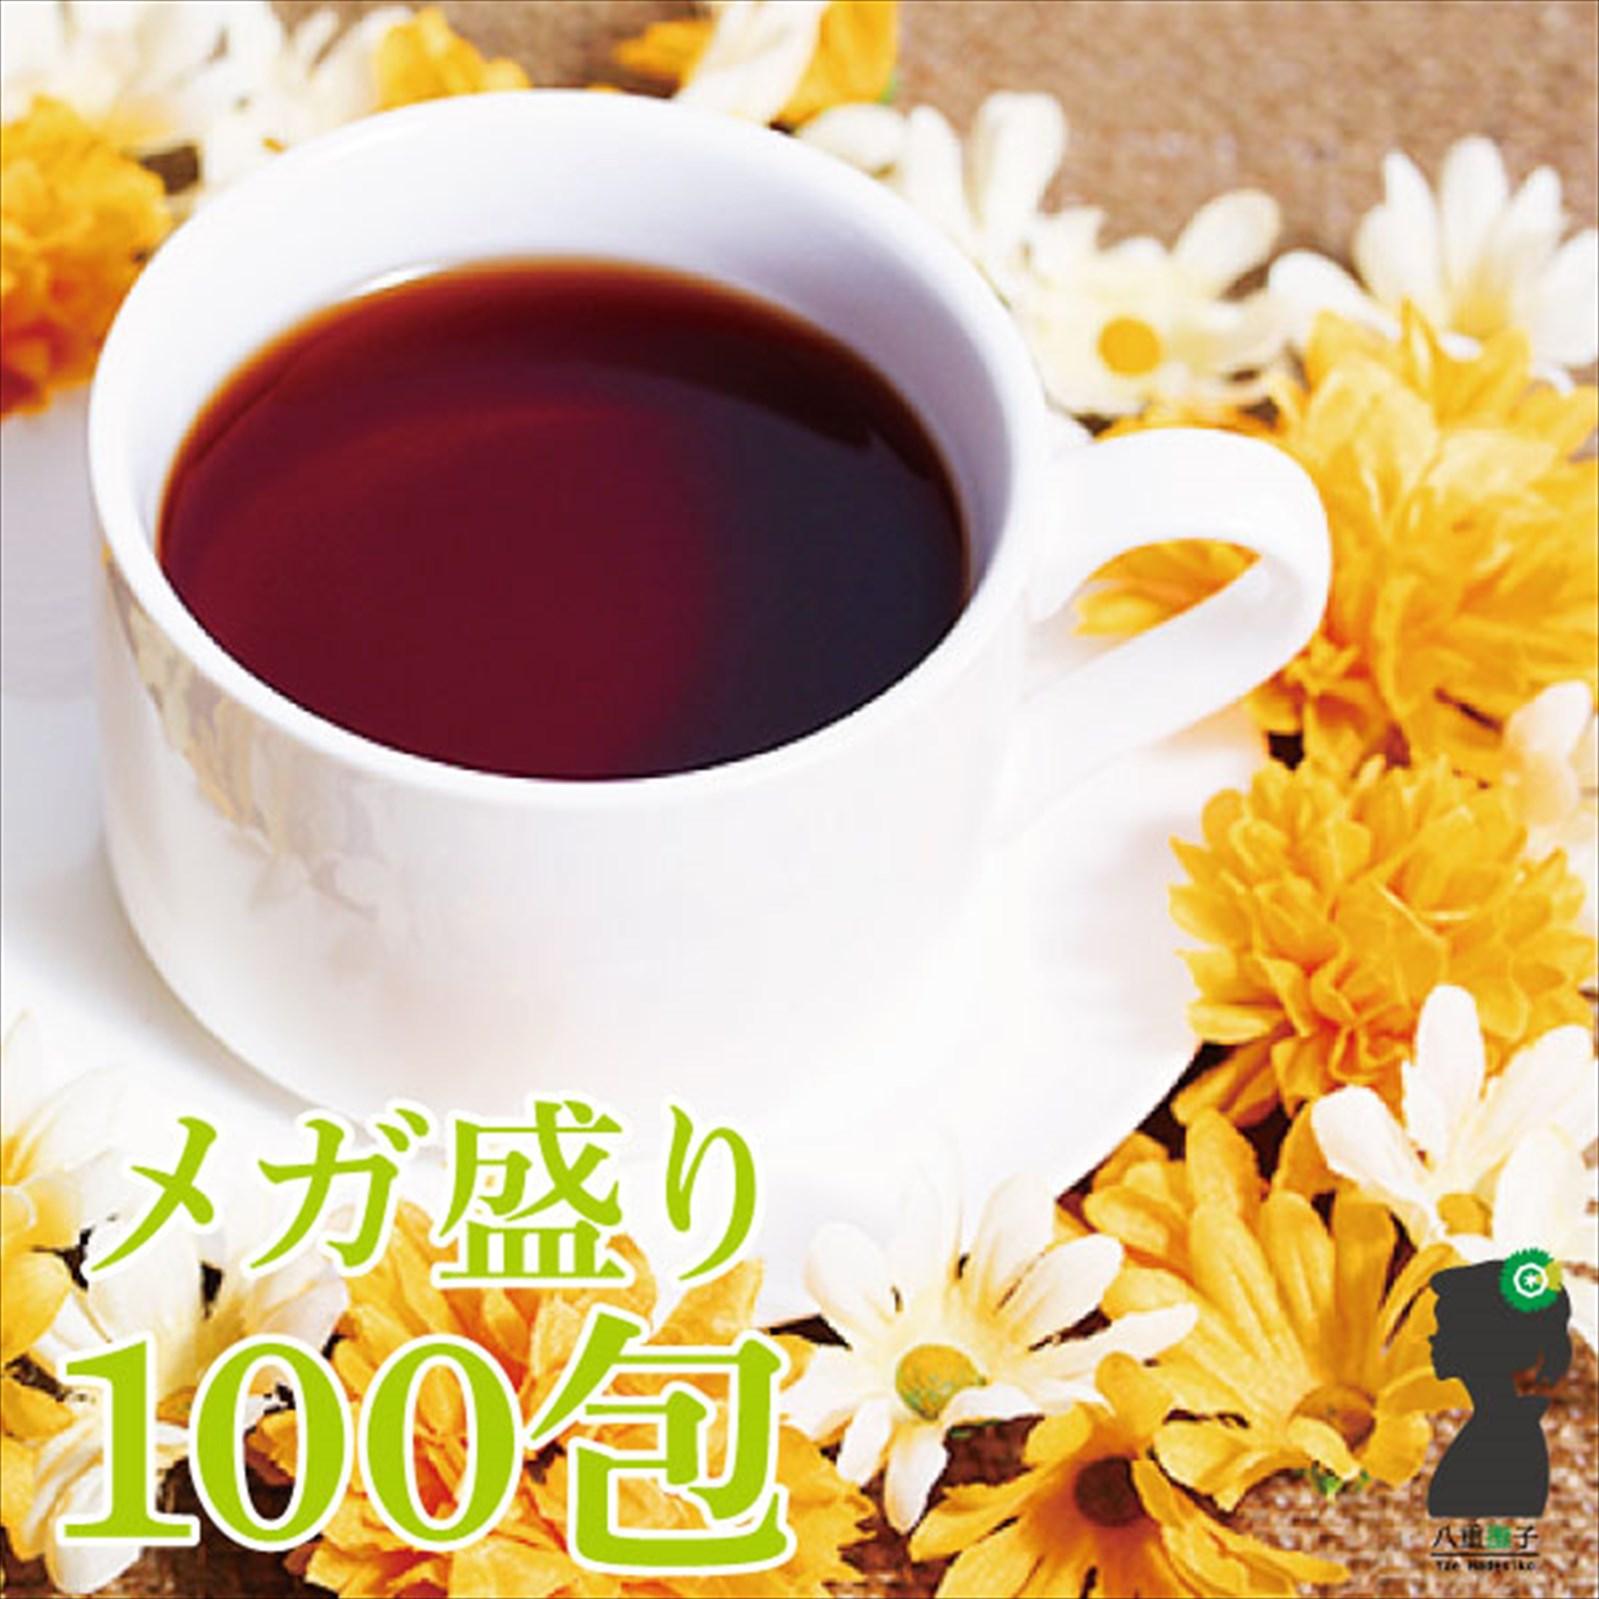 たんぽぽコーヒー ティーバッグ300g(3g×100包(目安包数))!送料無料!ノンカフェインで安心のたんぽぽコーヒー!残留農薬検査済み!たんぽぽ茶【タンポポ茶/ダンデライオンルート】【ノンカフェイン】